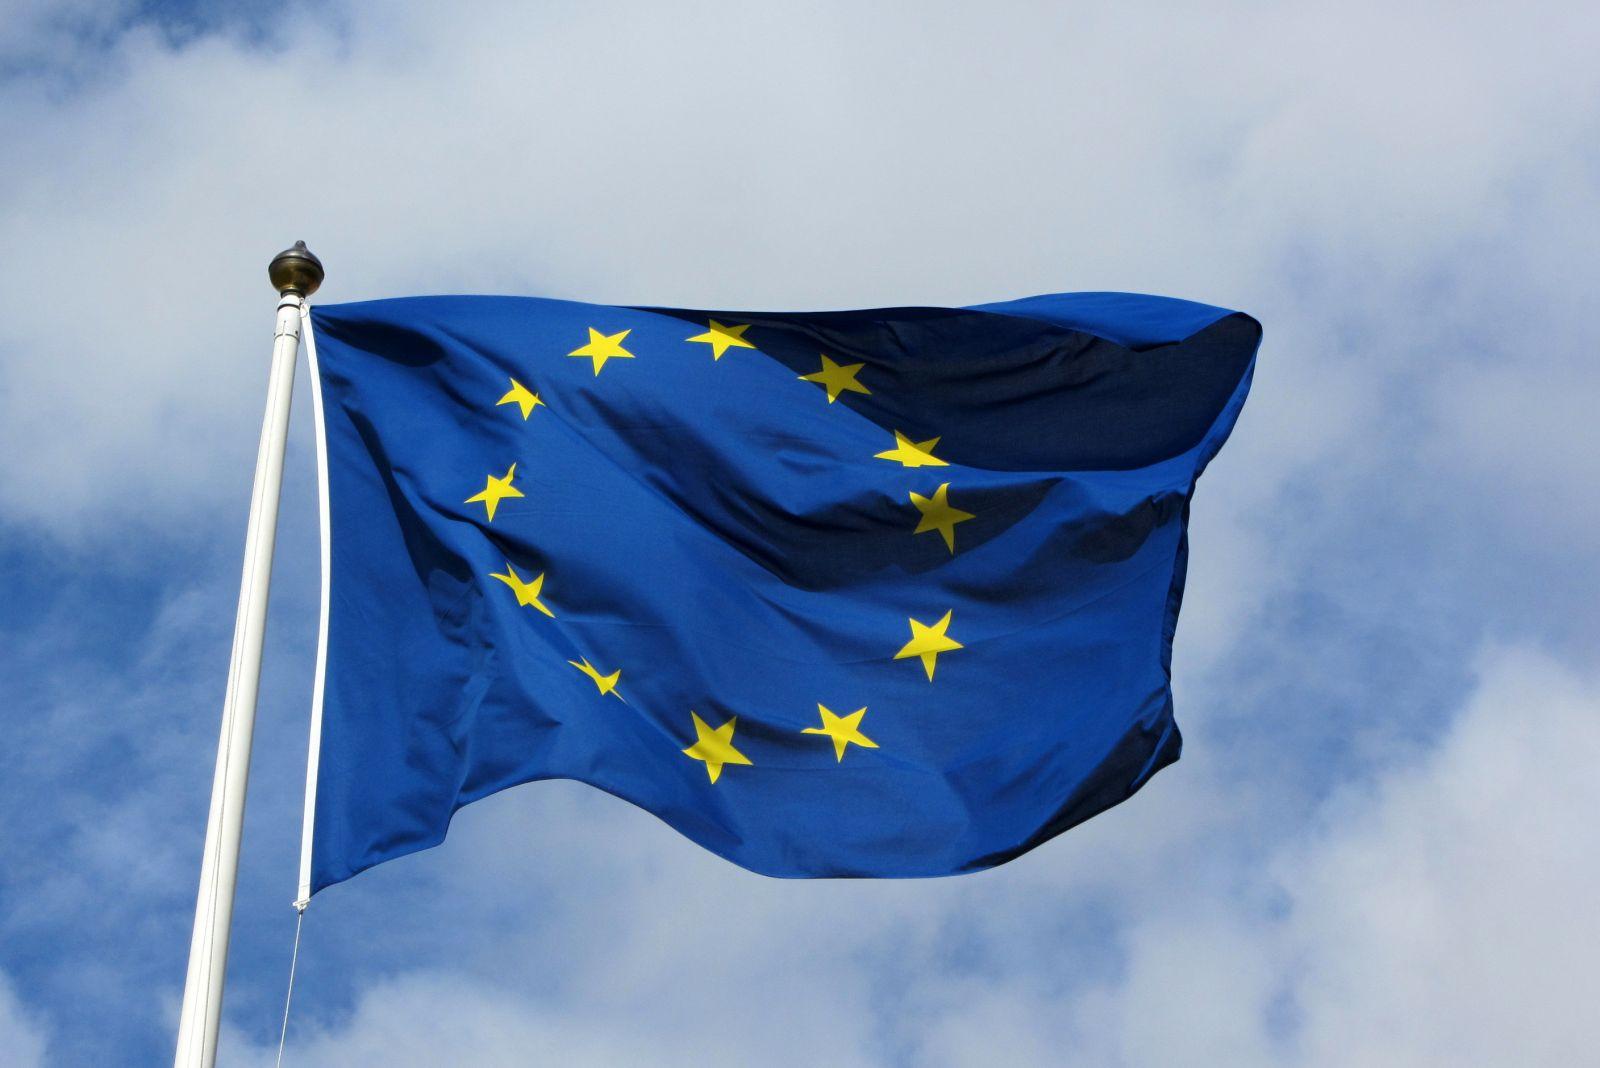 """صورة تفكك """"اليورو"""" احتمال قائم بعد """"بريطانيا"""".. و """"سقوط رينتسي"""""""